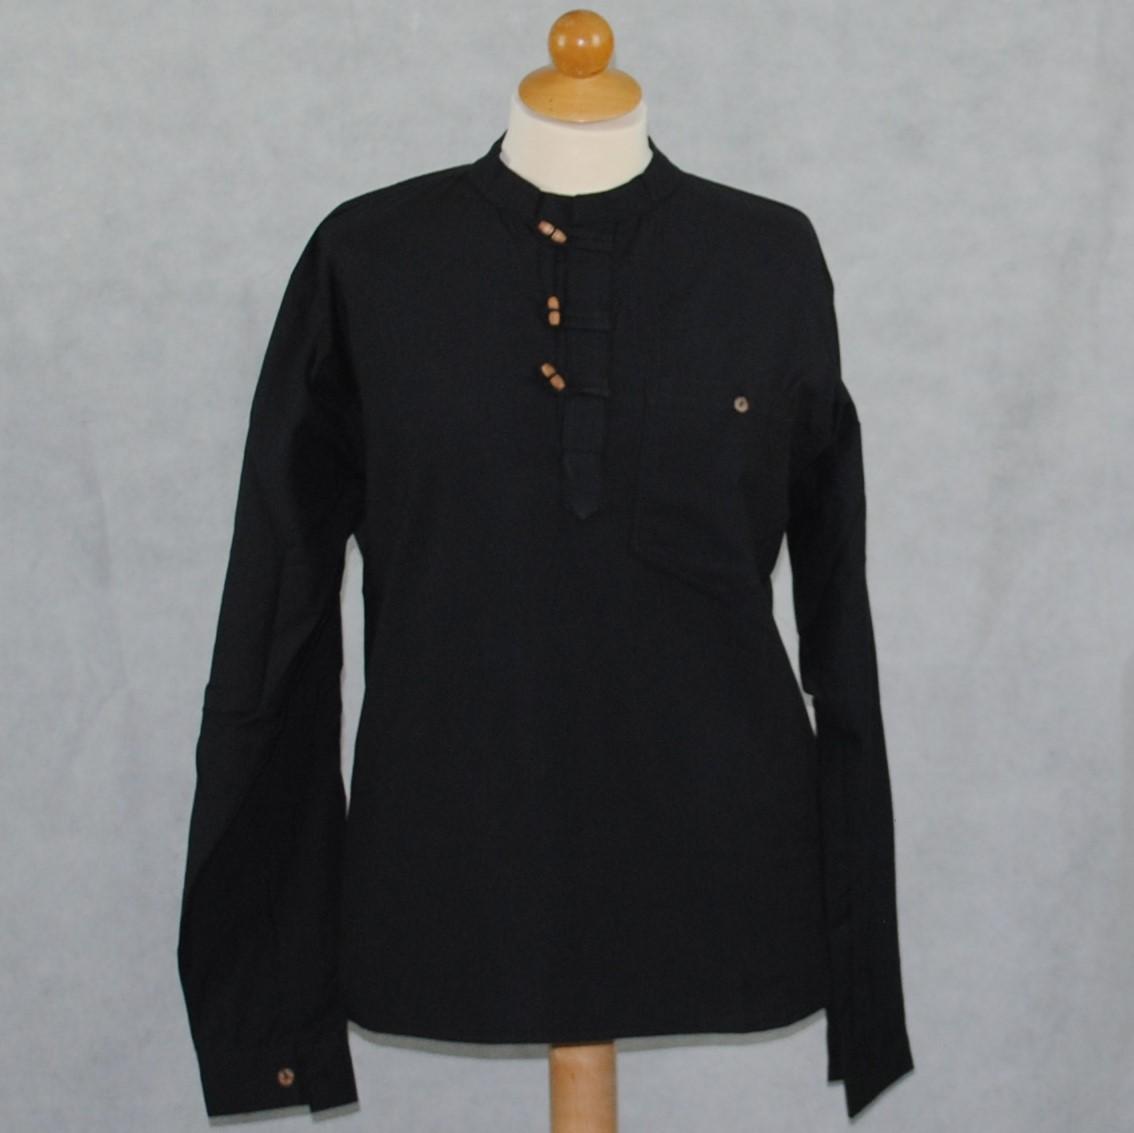 Heren Overhemd Zwart.Heren Overhemd A03 Zwart Pasal Himal